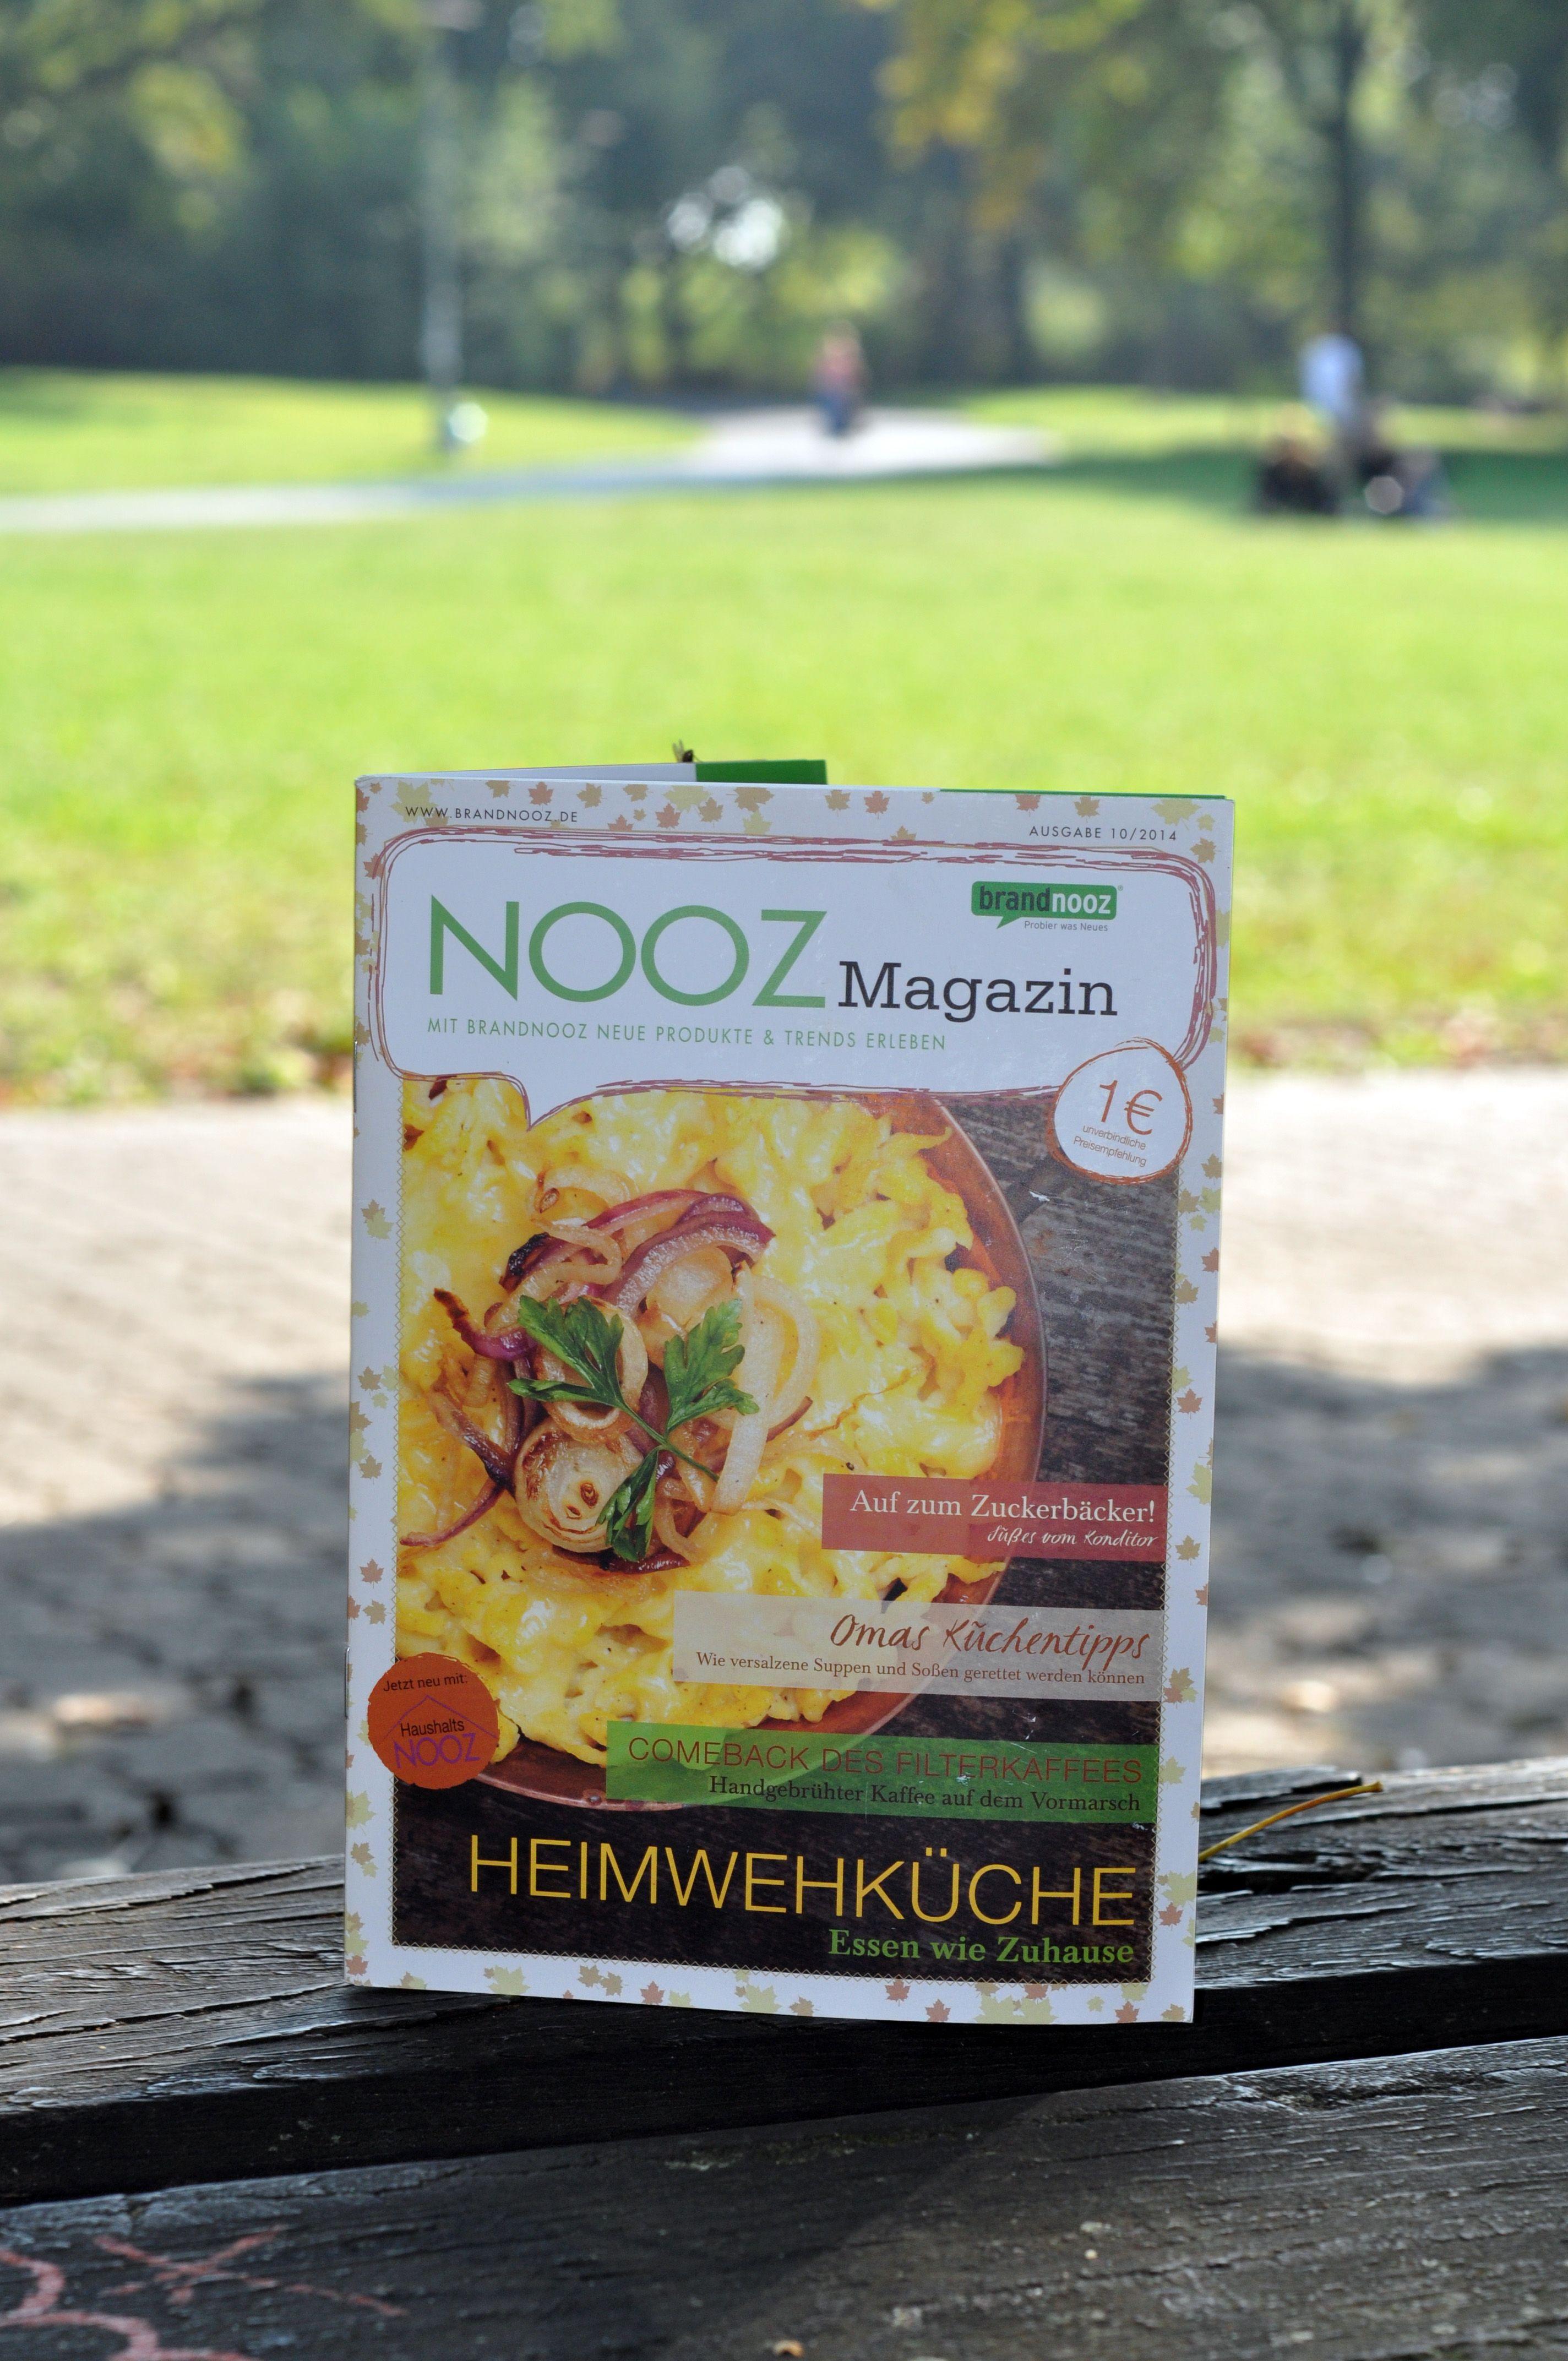 Darf ich vorstellen? Das NOOZ Magazin für den September. Mit vielen spannenden Berichten, leckeren Rezepten und hilfreichen Tipps aus Omas Küche starten wir langsam in den Herbst.